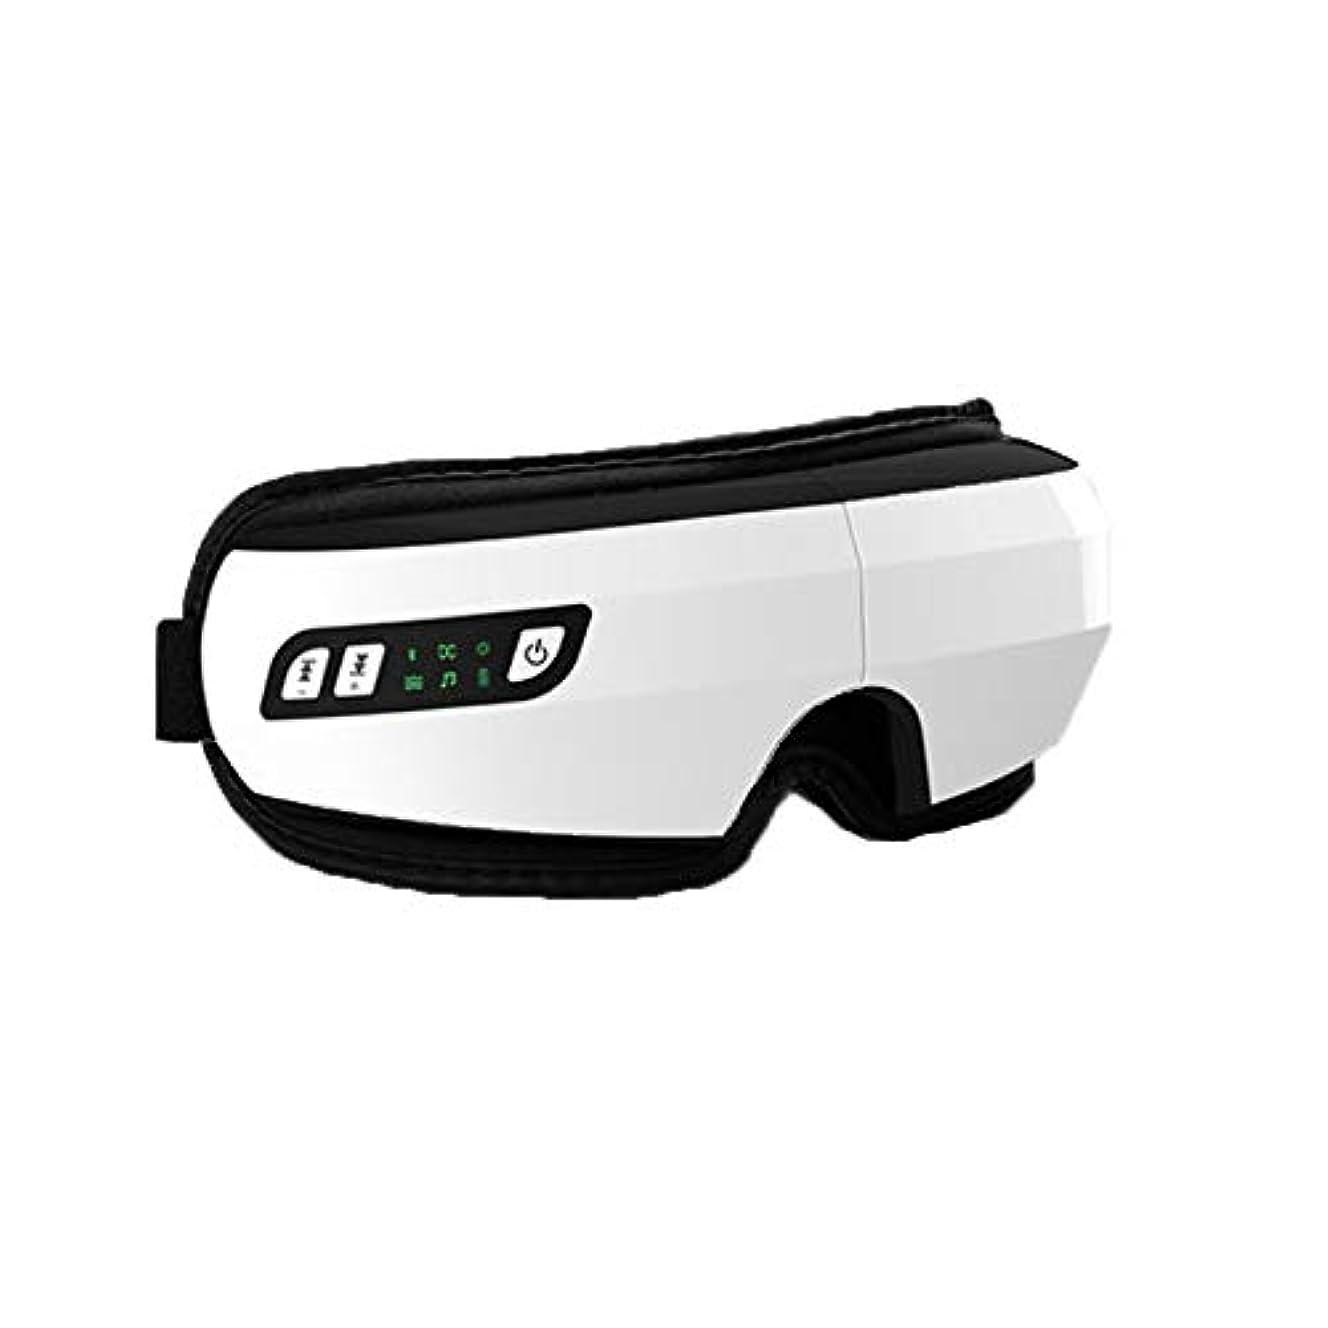 バレーボール在庫転用マッサージャー - 熱い湿布は近視の黒い目の声の振動目の保護の器械を取り除きます (Color : White)